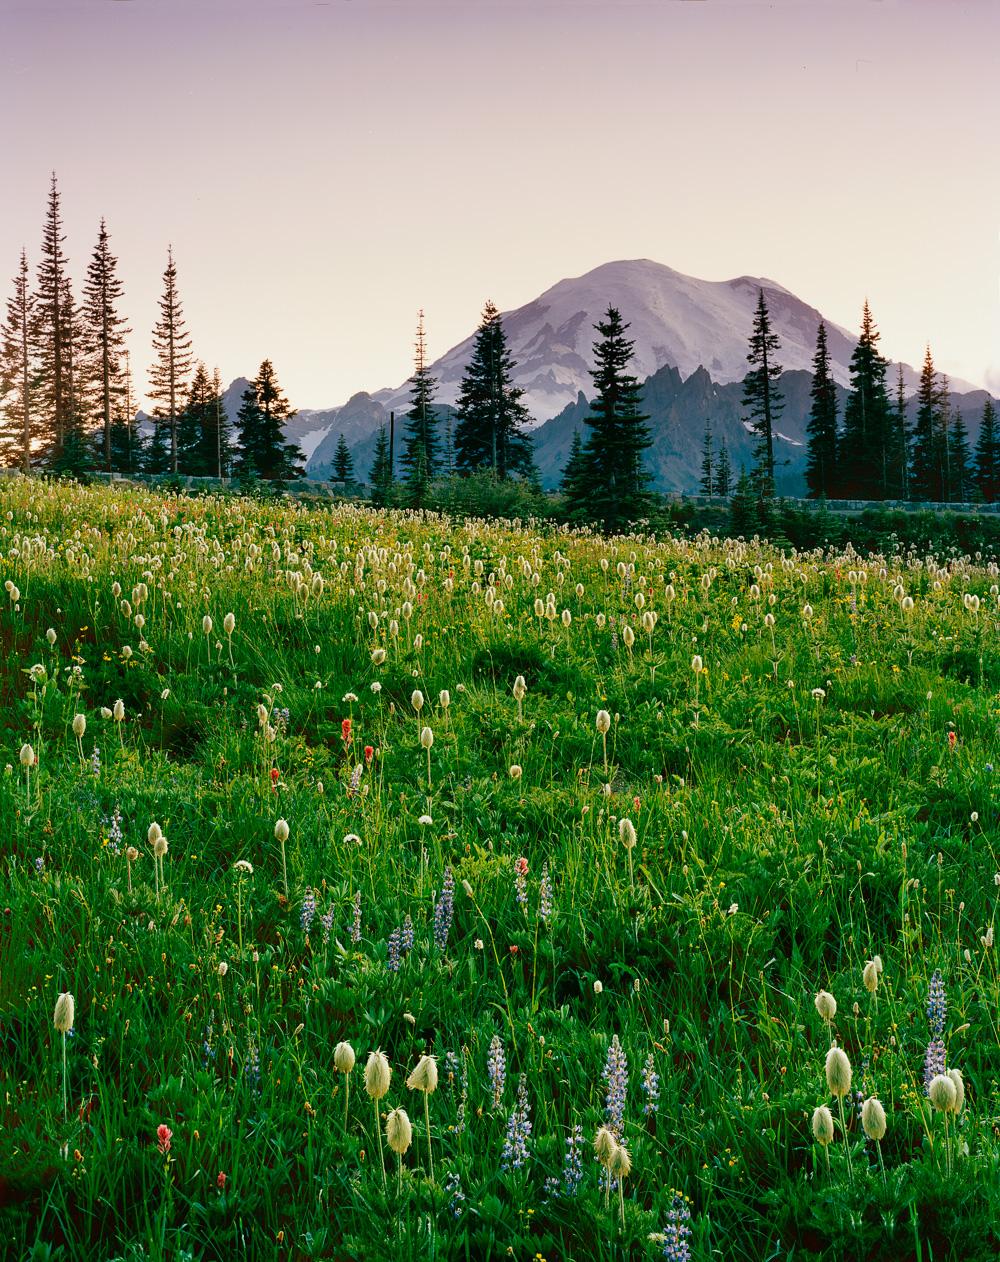 Mount Rainier from Chinook Pass. Ektar 100, 4x5.